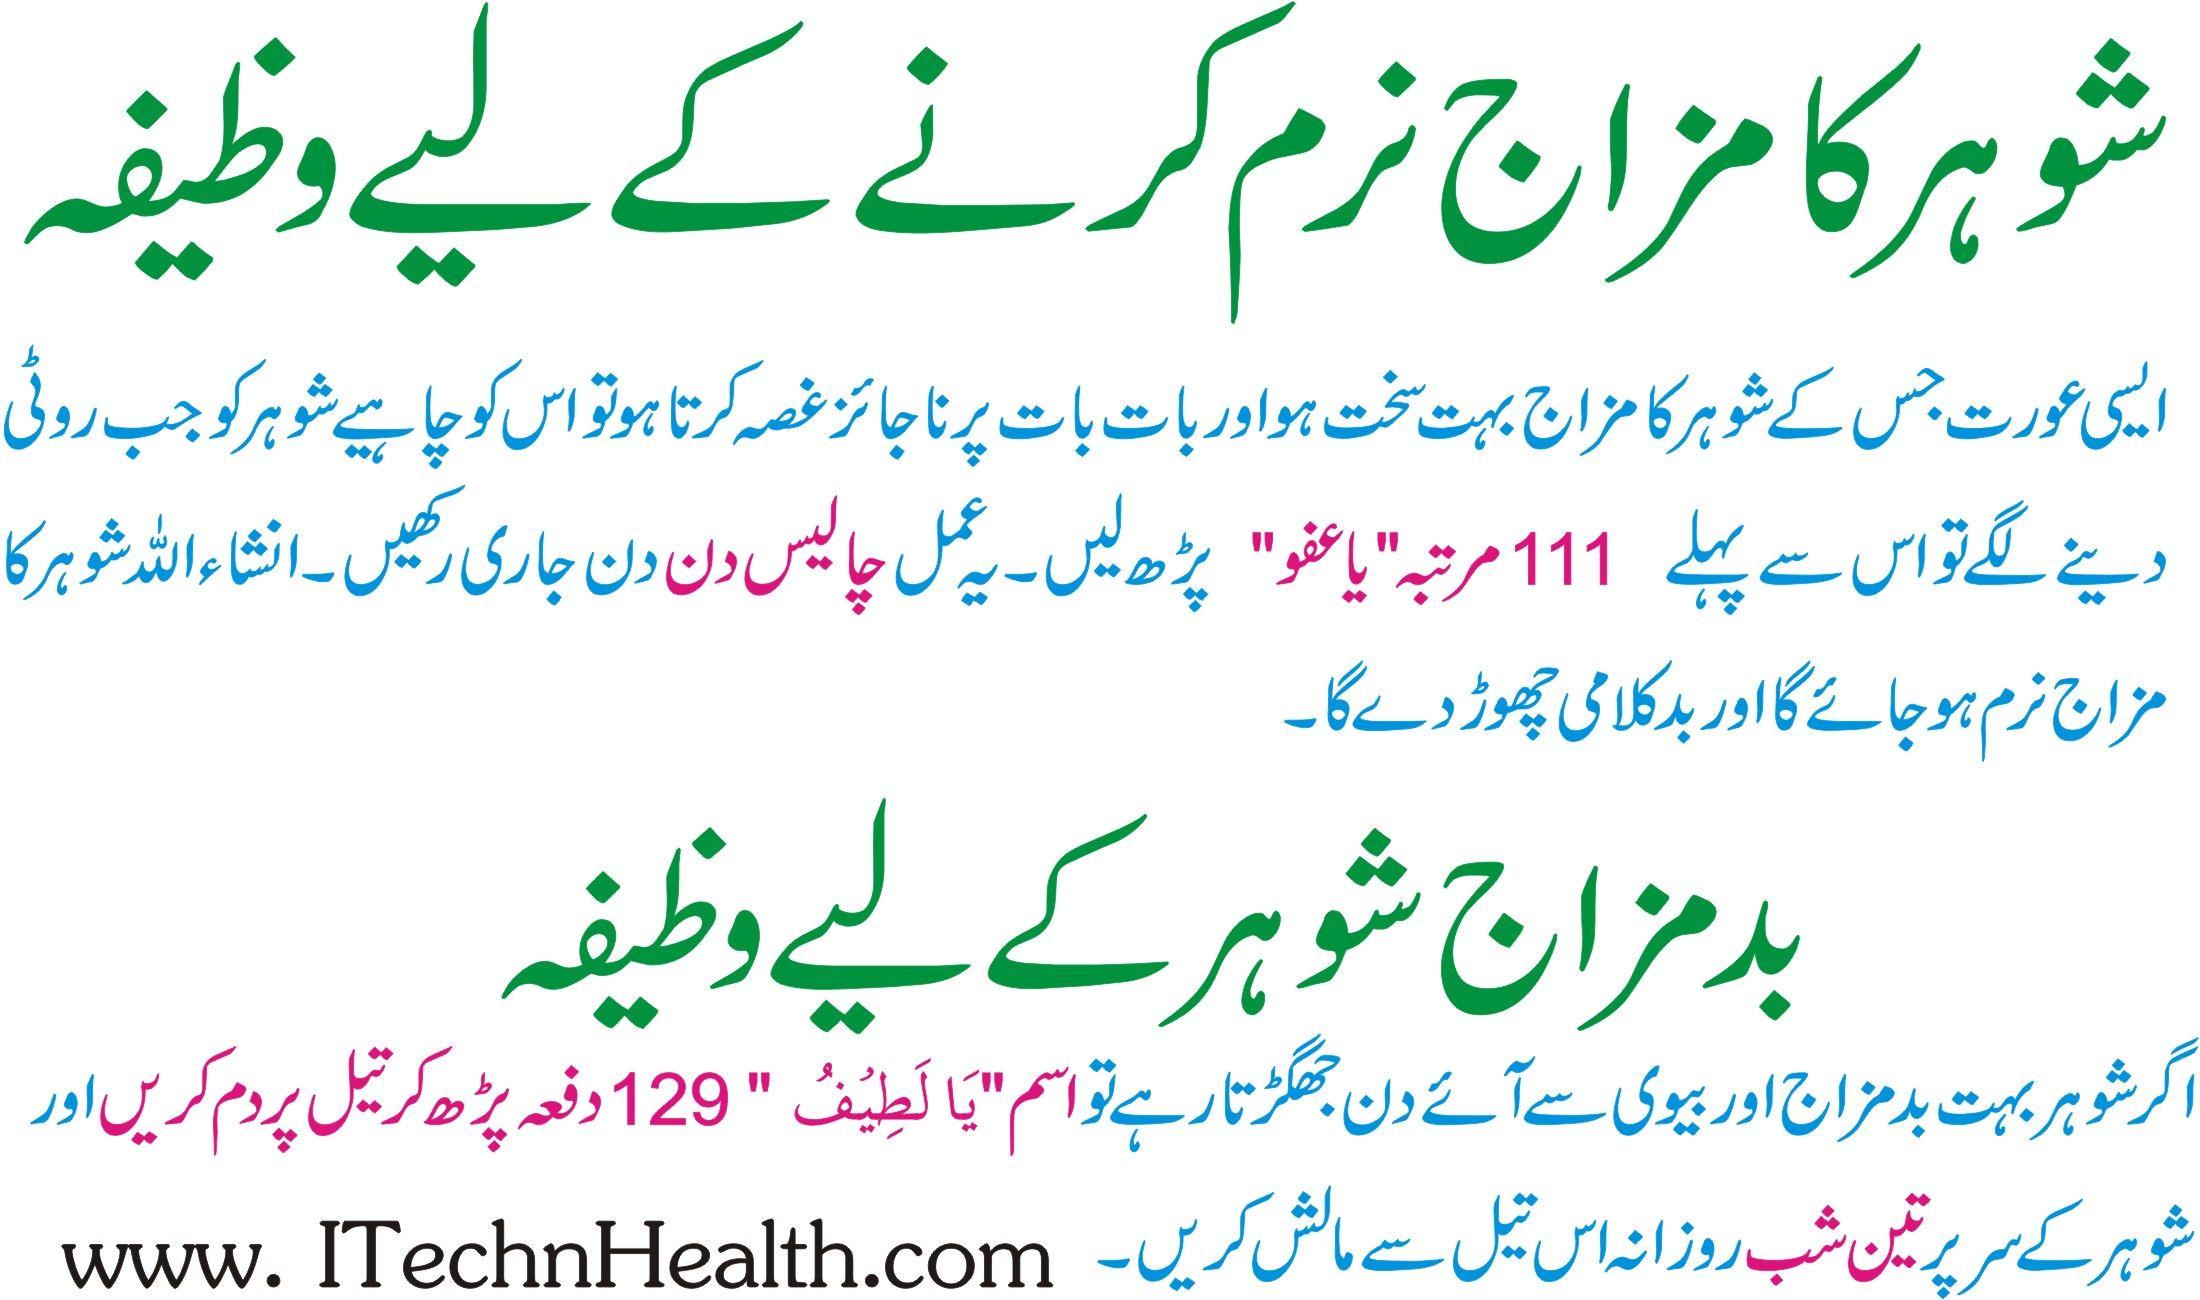 Shohar Ka Mizaj Naram Karne Ka Wazifa | wazifa | Islamic dua, Allah